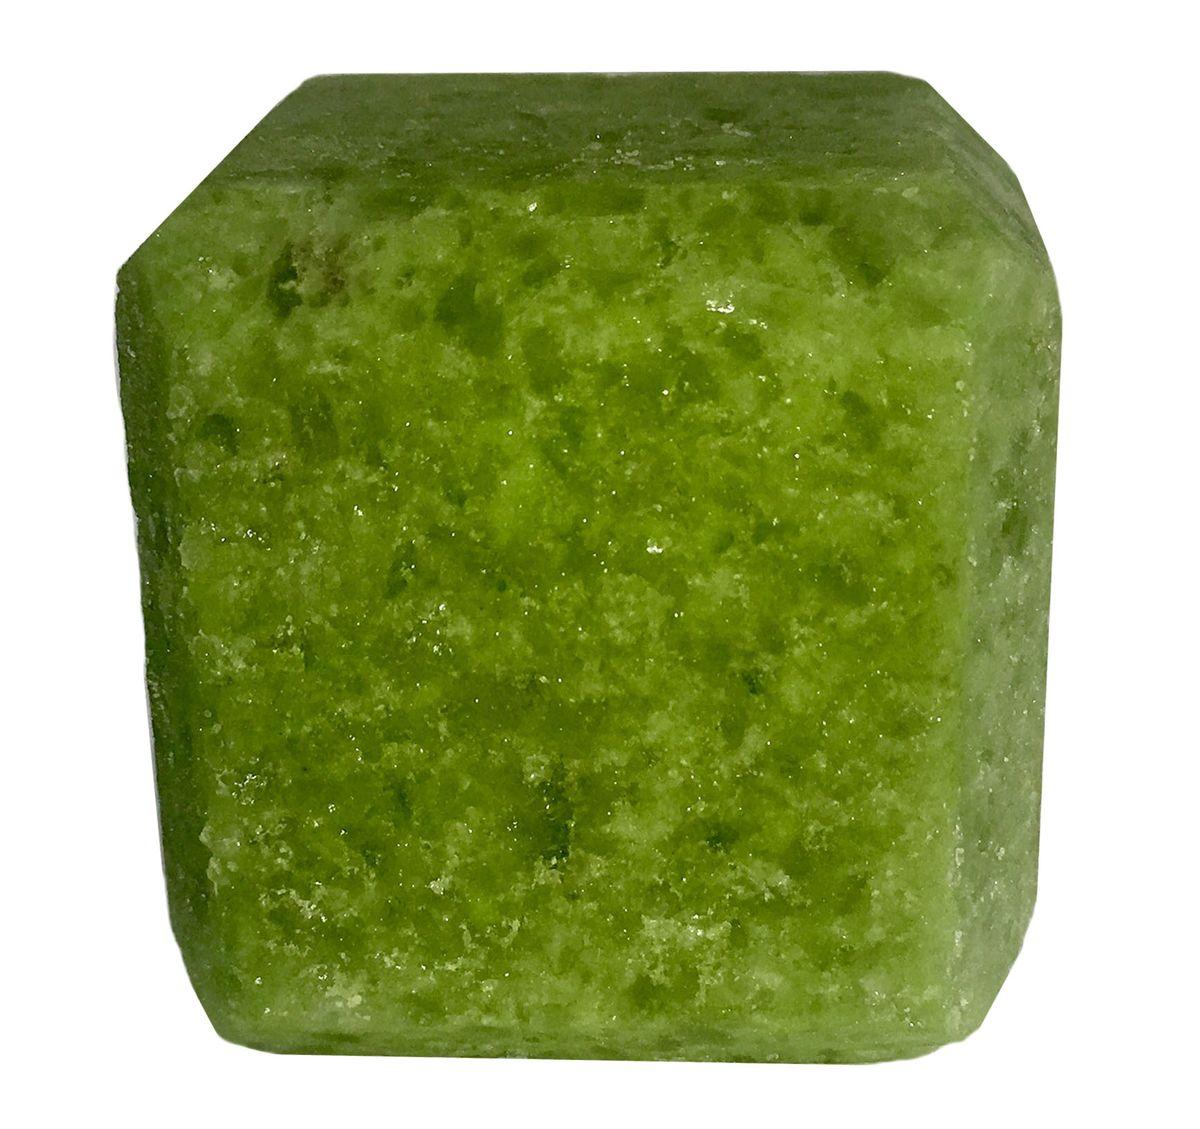 Соль для бани Proffi Sauna, с маслом кедраC0042416Прессованный кубик из соли Proffi Sauna подходит для сауны и бани. Имеет приятный аромат кедра. Заходя в бане / сауне в парилку, Вы ставите кубик из соли на камни и поливаете камень водой. В результате образуется облако соляного пара, а по всей парилке разносится приятный аромат.1 кубик рассчитан на 1 применение. Состав: чистая природная структурированная соль, эфирное масло.